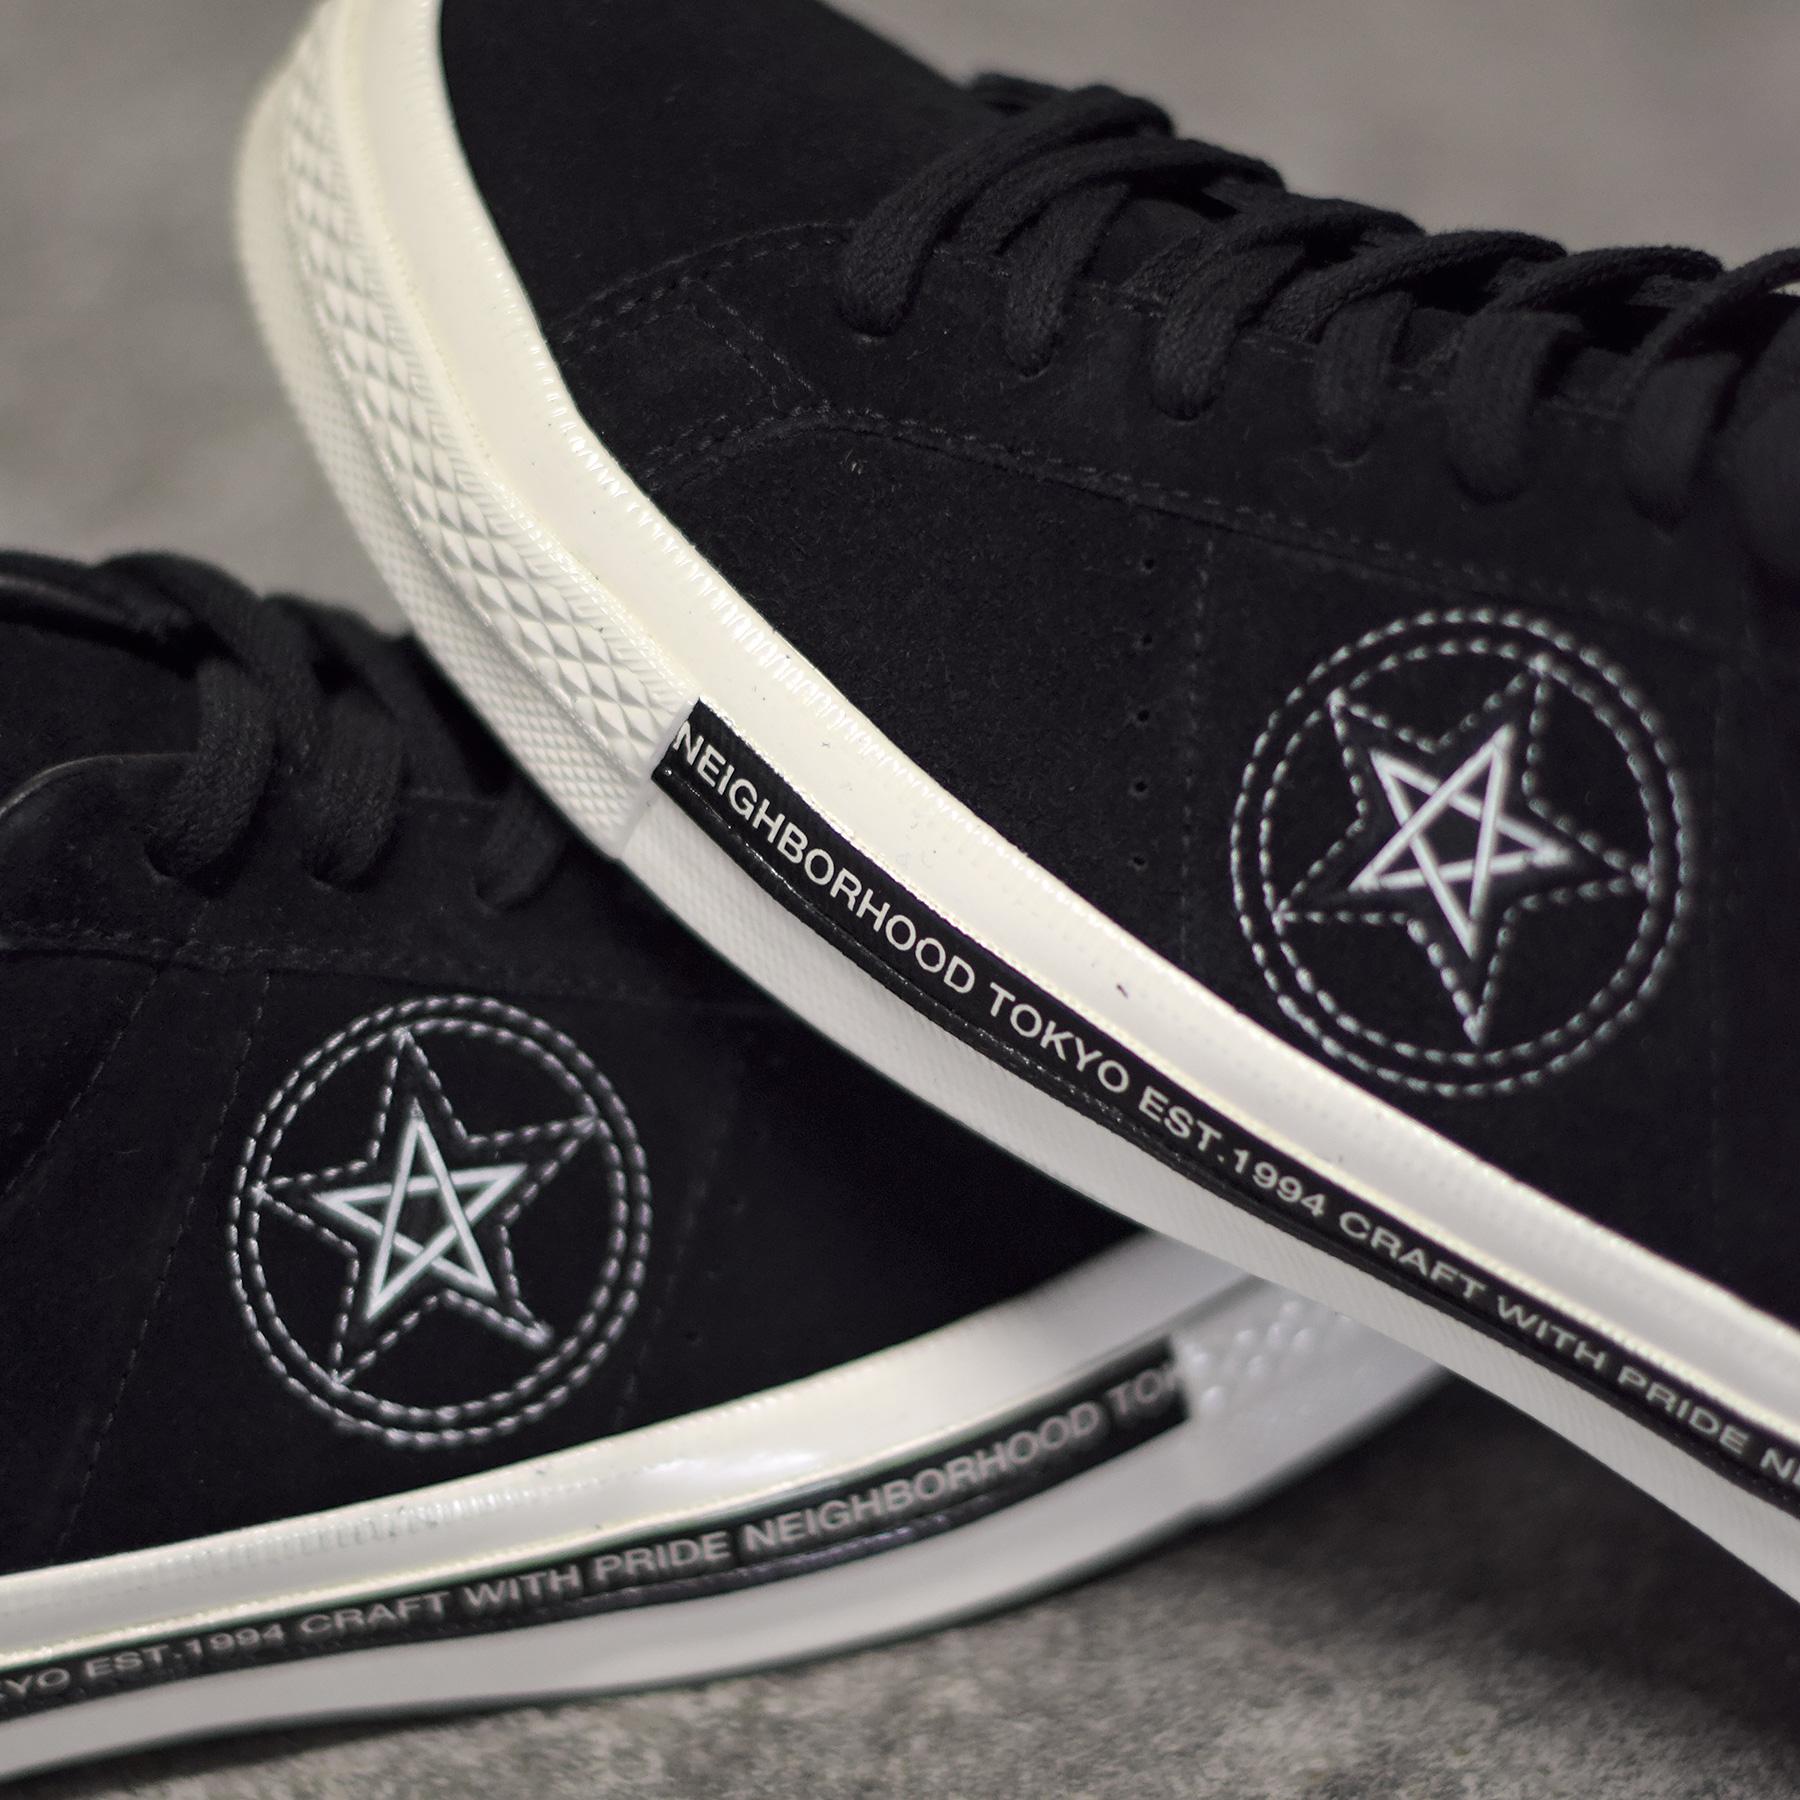 735f725b1c01 La marque japonaise propose une paire de sneakers qui colle parfaitement à  son positionnement. On retrouve une empeigne en cuir suédé noir